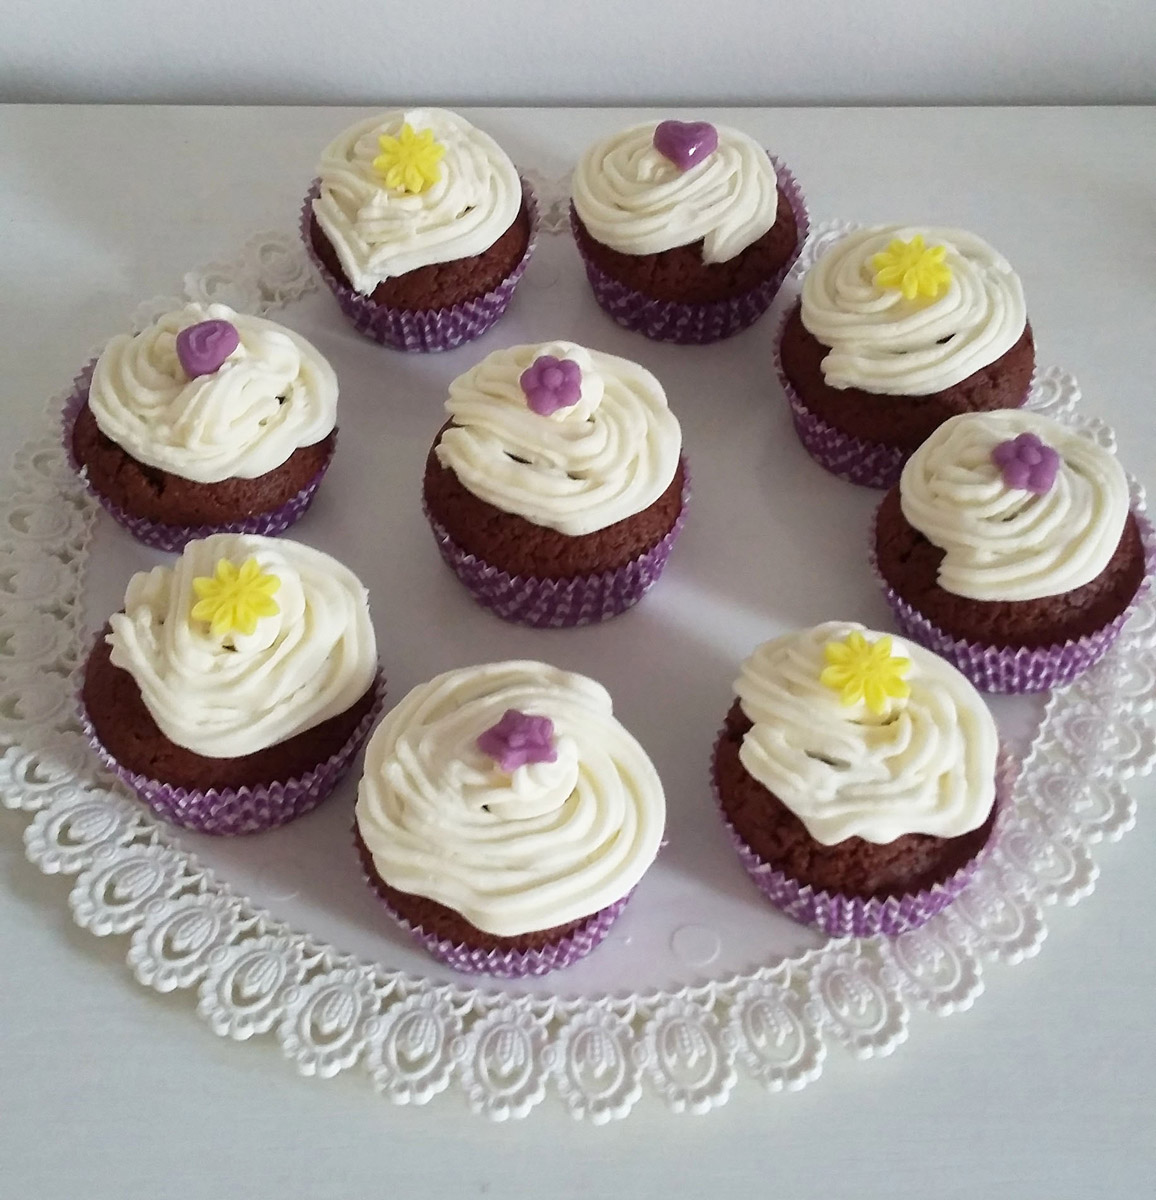 http://dolcequantobasta.it/wp-content/uploads/2016/03/muffin-al-miele-con-frosting-al-cioccolato-bianco.jpg